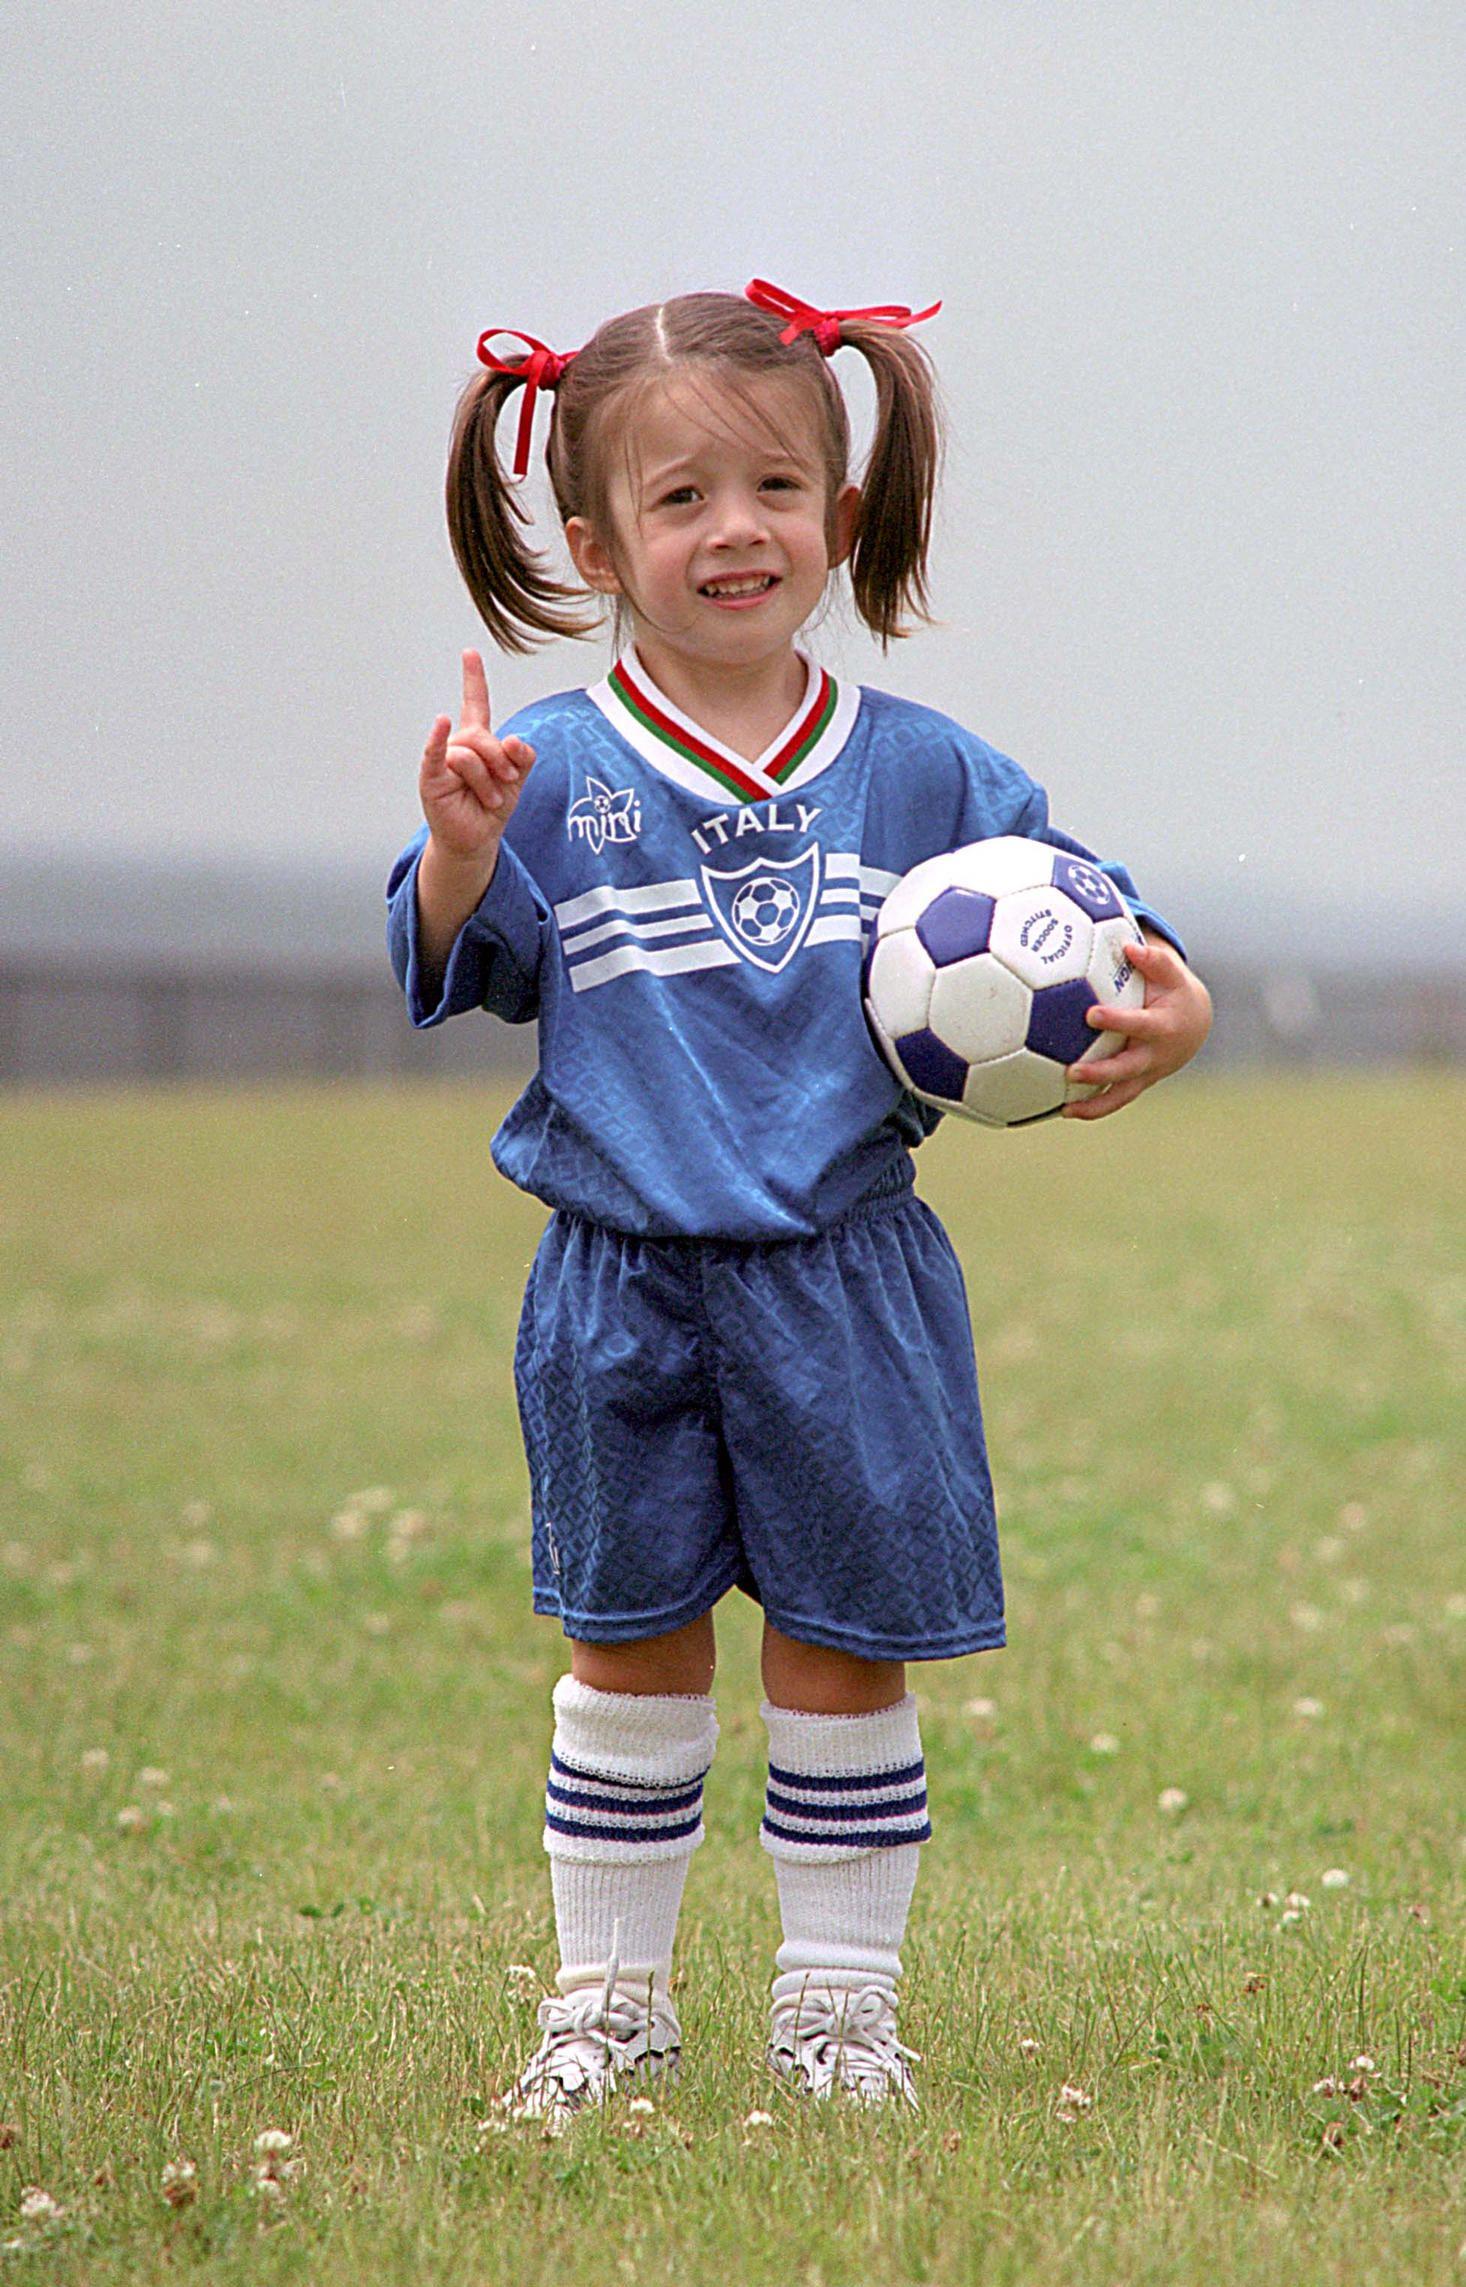 Soccer Girl Photo By Photographer Paul Trunfio Soccer Girl Kids Soccer Soccer